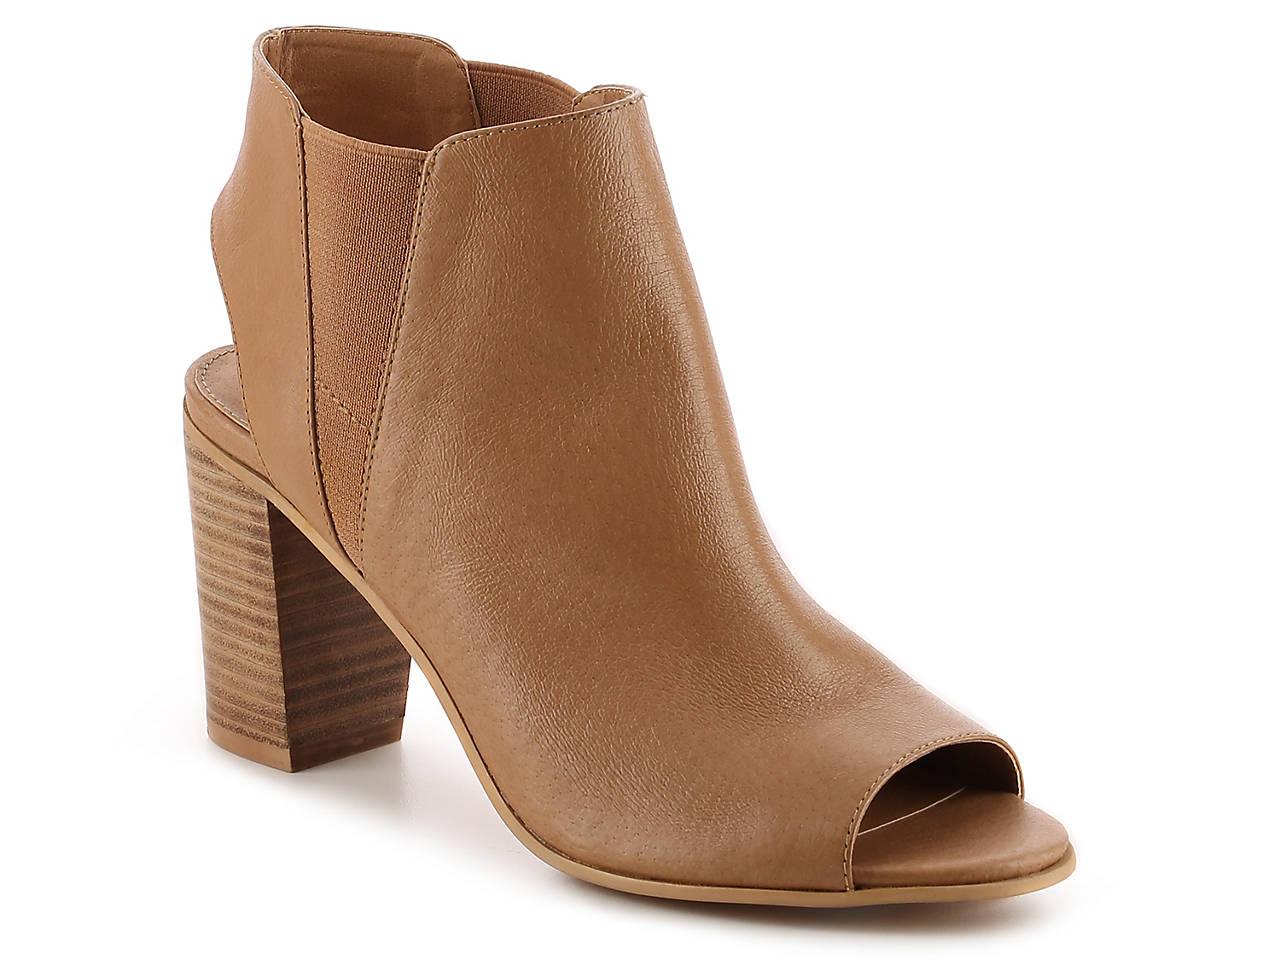 60bebac3f947 Steve Madden Nobell Sandal Women s Shoes